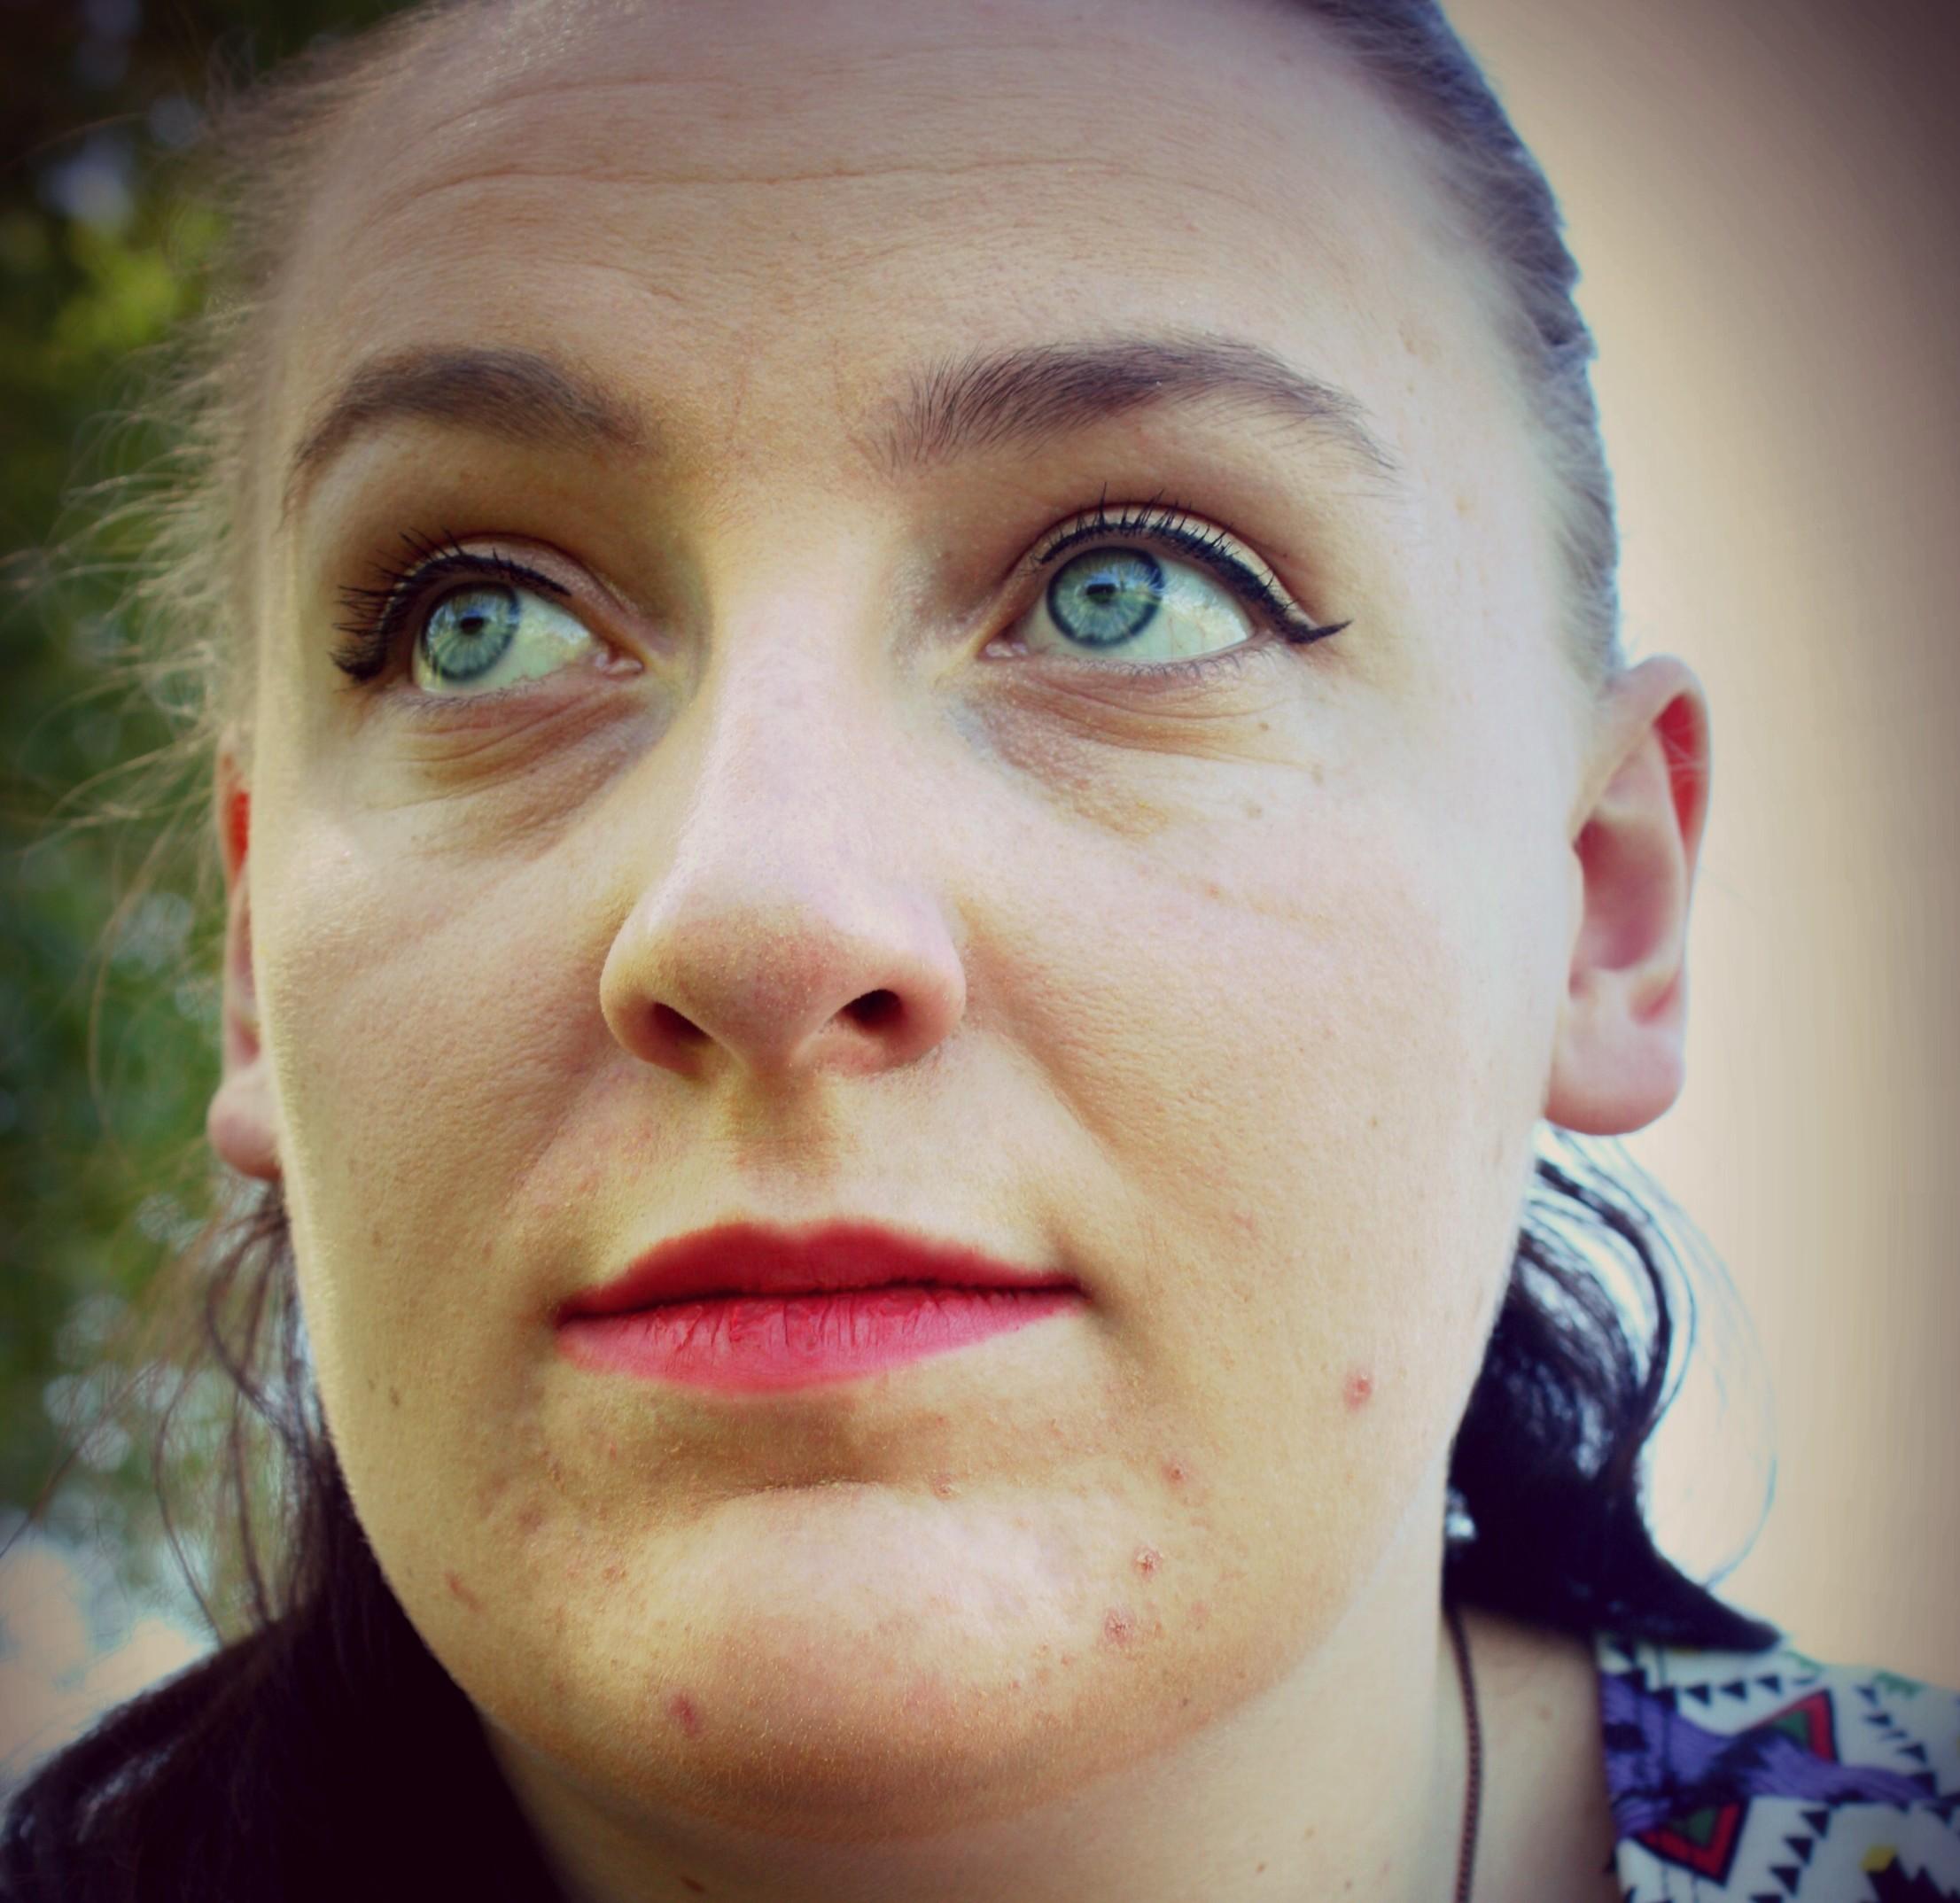 Michelle Anneliese